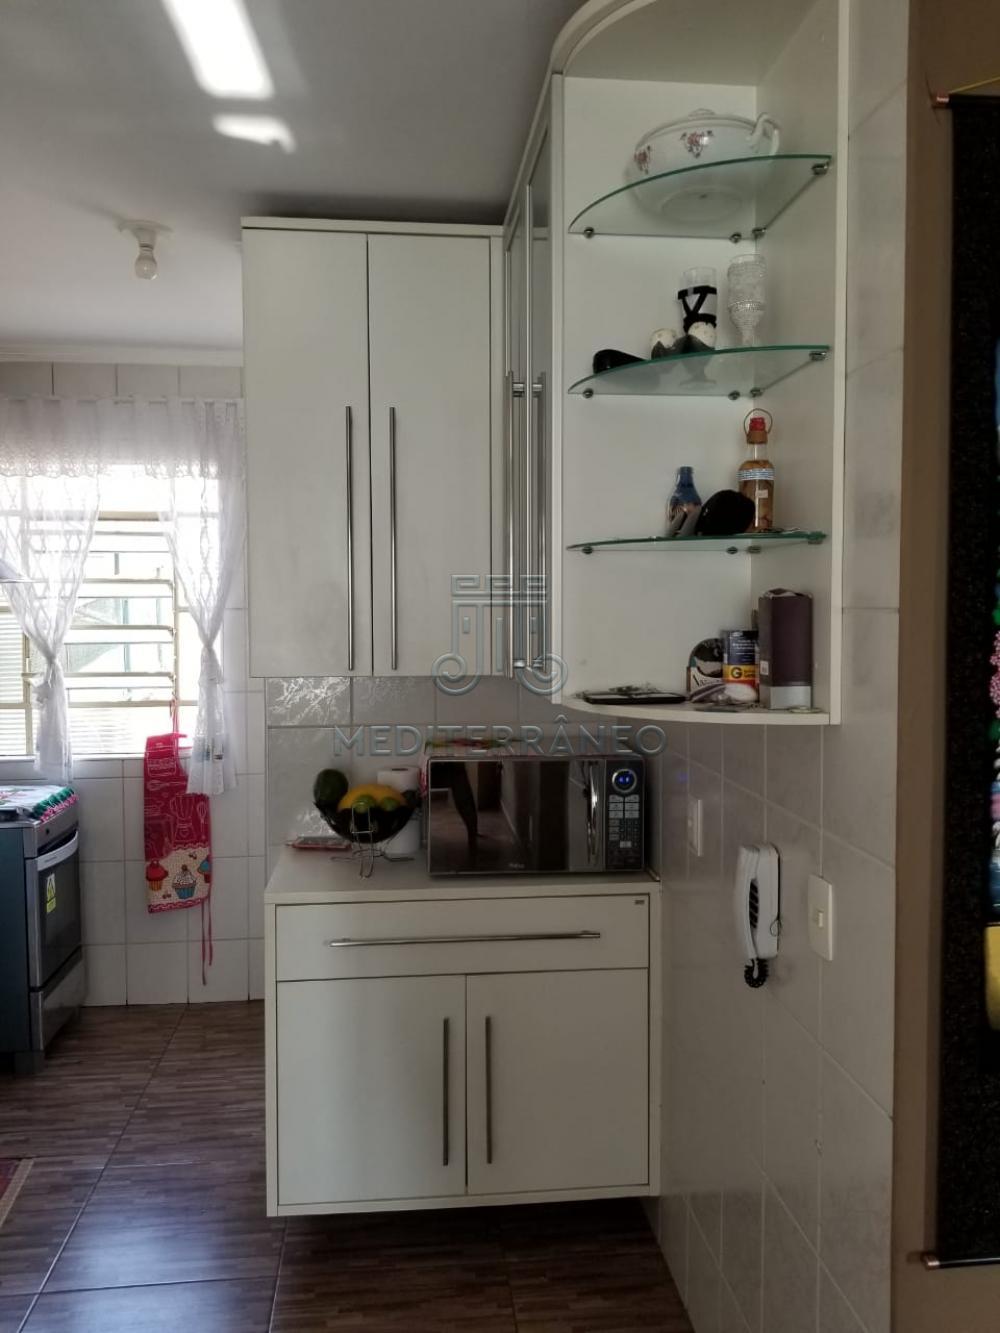 Alugar Apartamento / Padrão em Jundiaí apenas R$ 1.300,00 - Foto 2